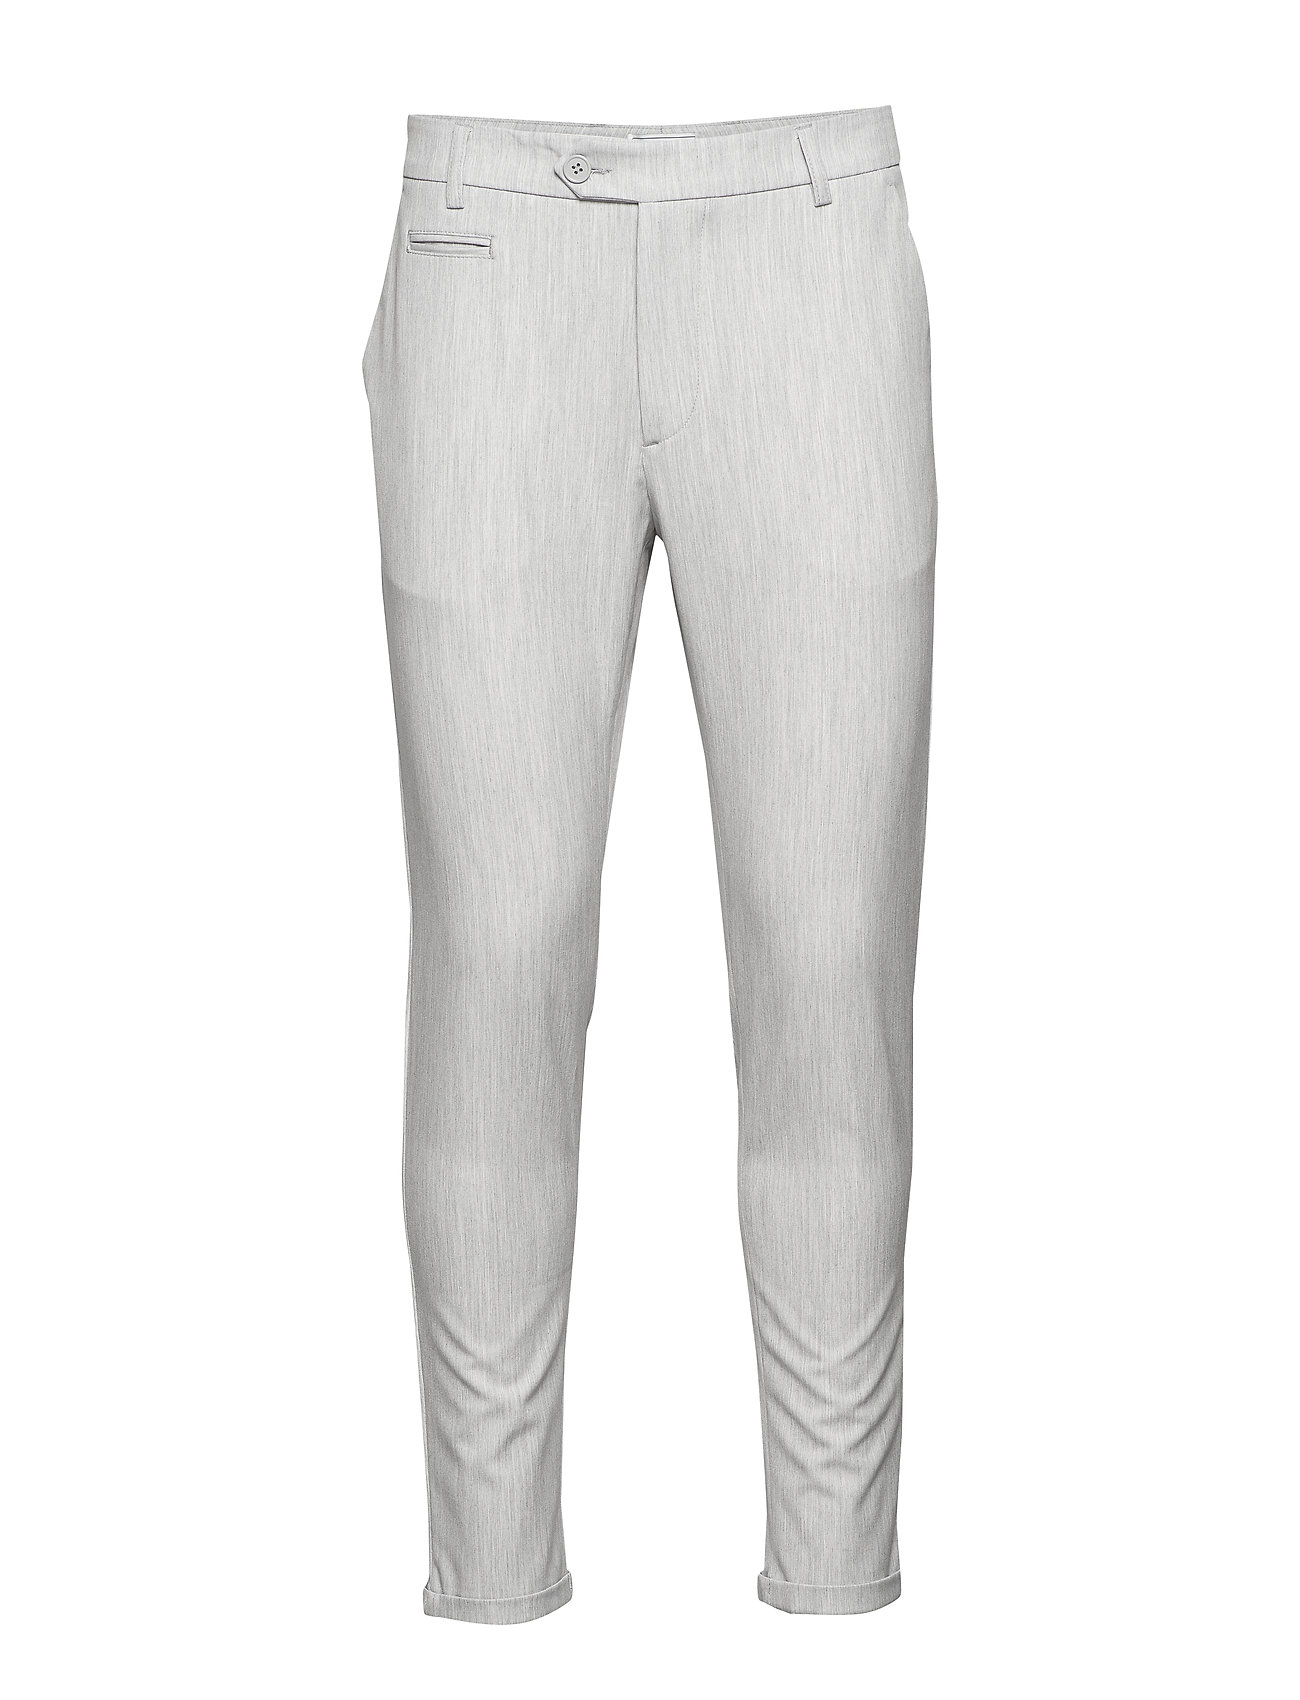 Les Deux Como LIGHT Suit Pants - SNOW MELANGE